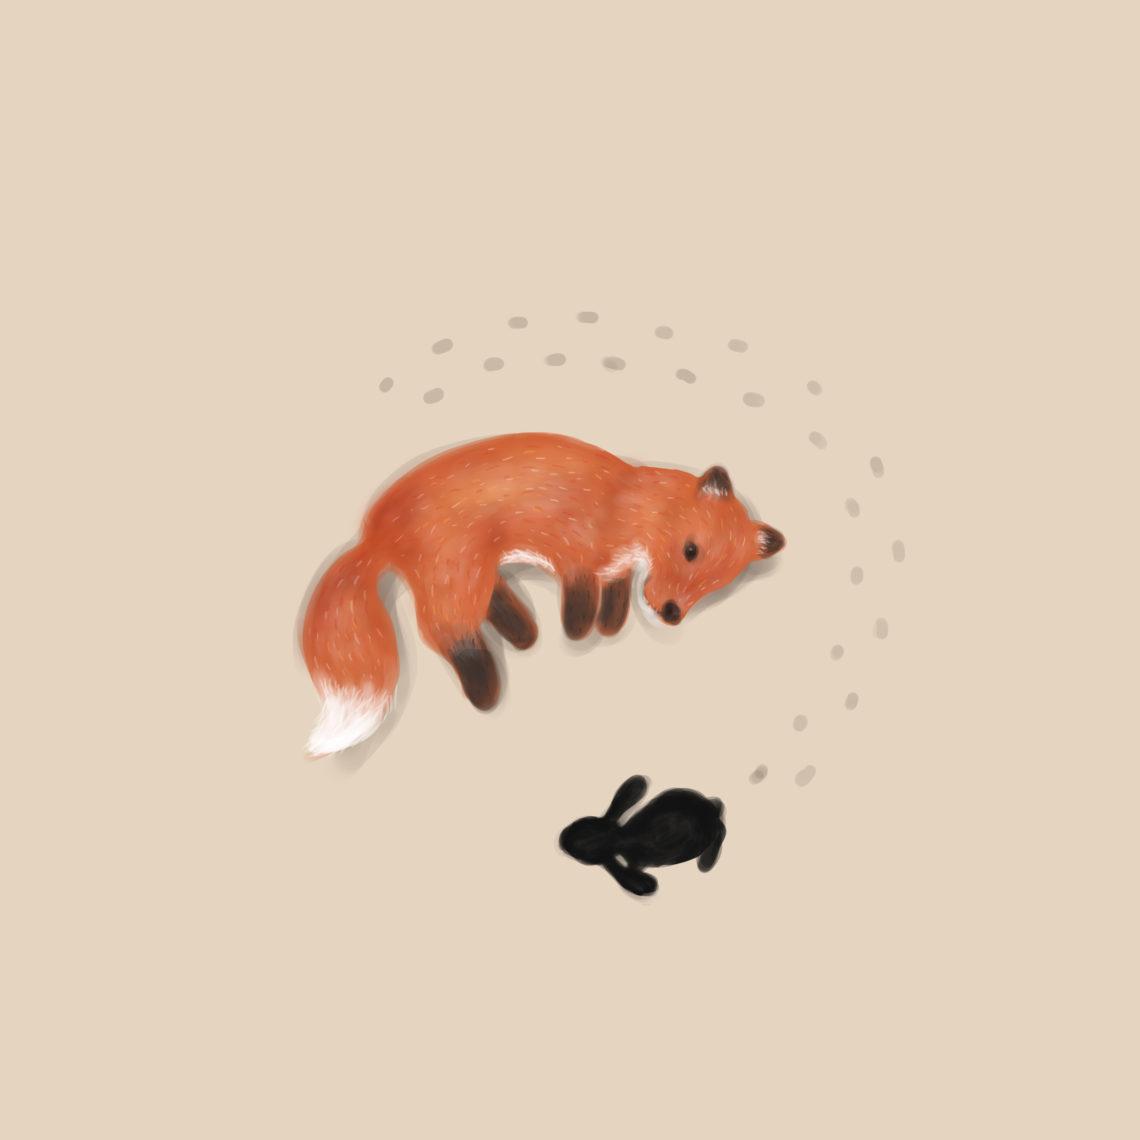 foxjump6